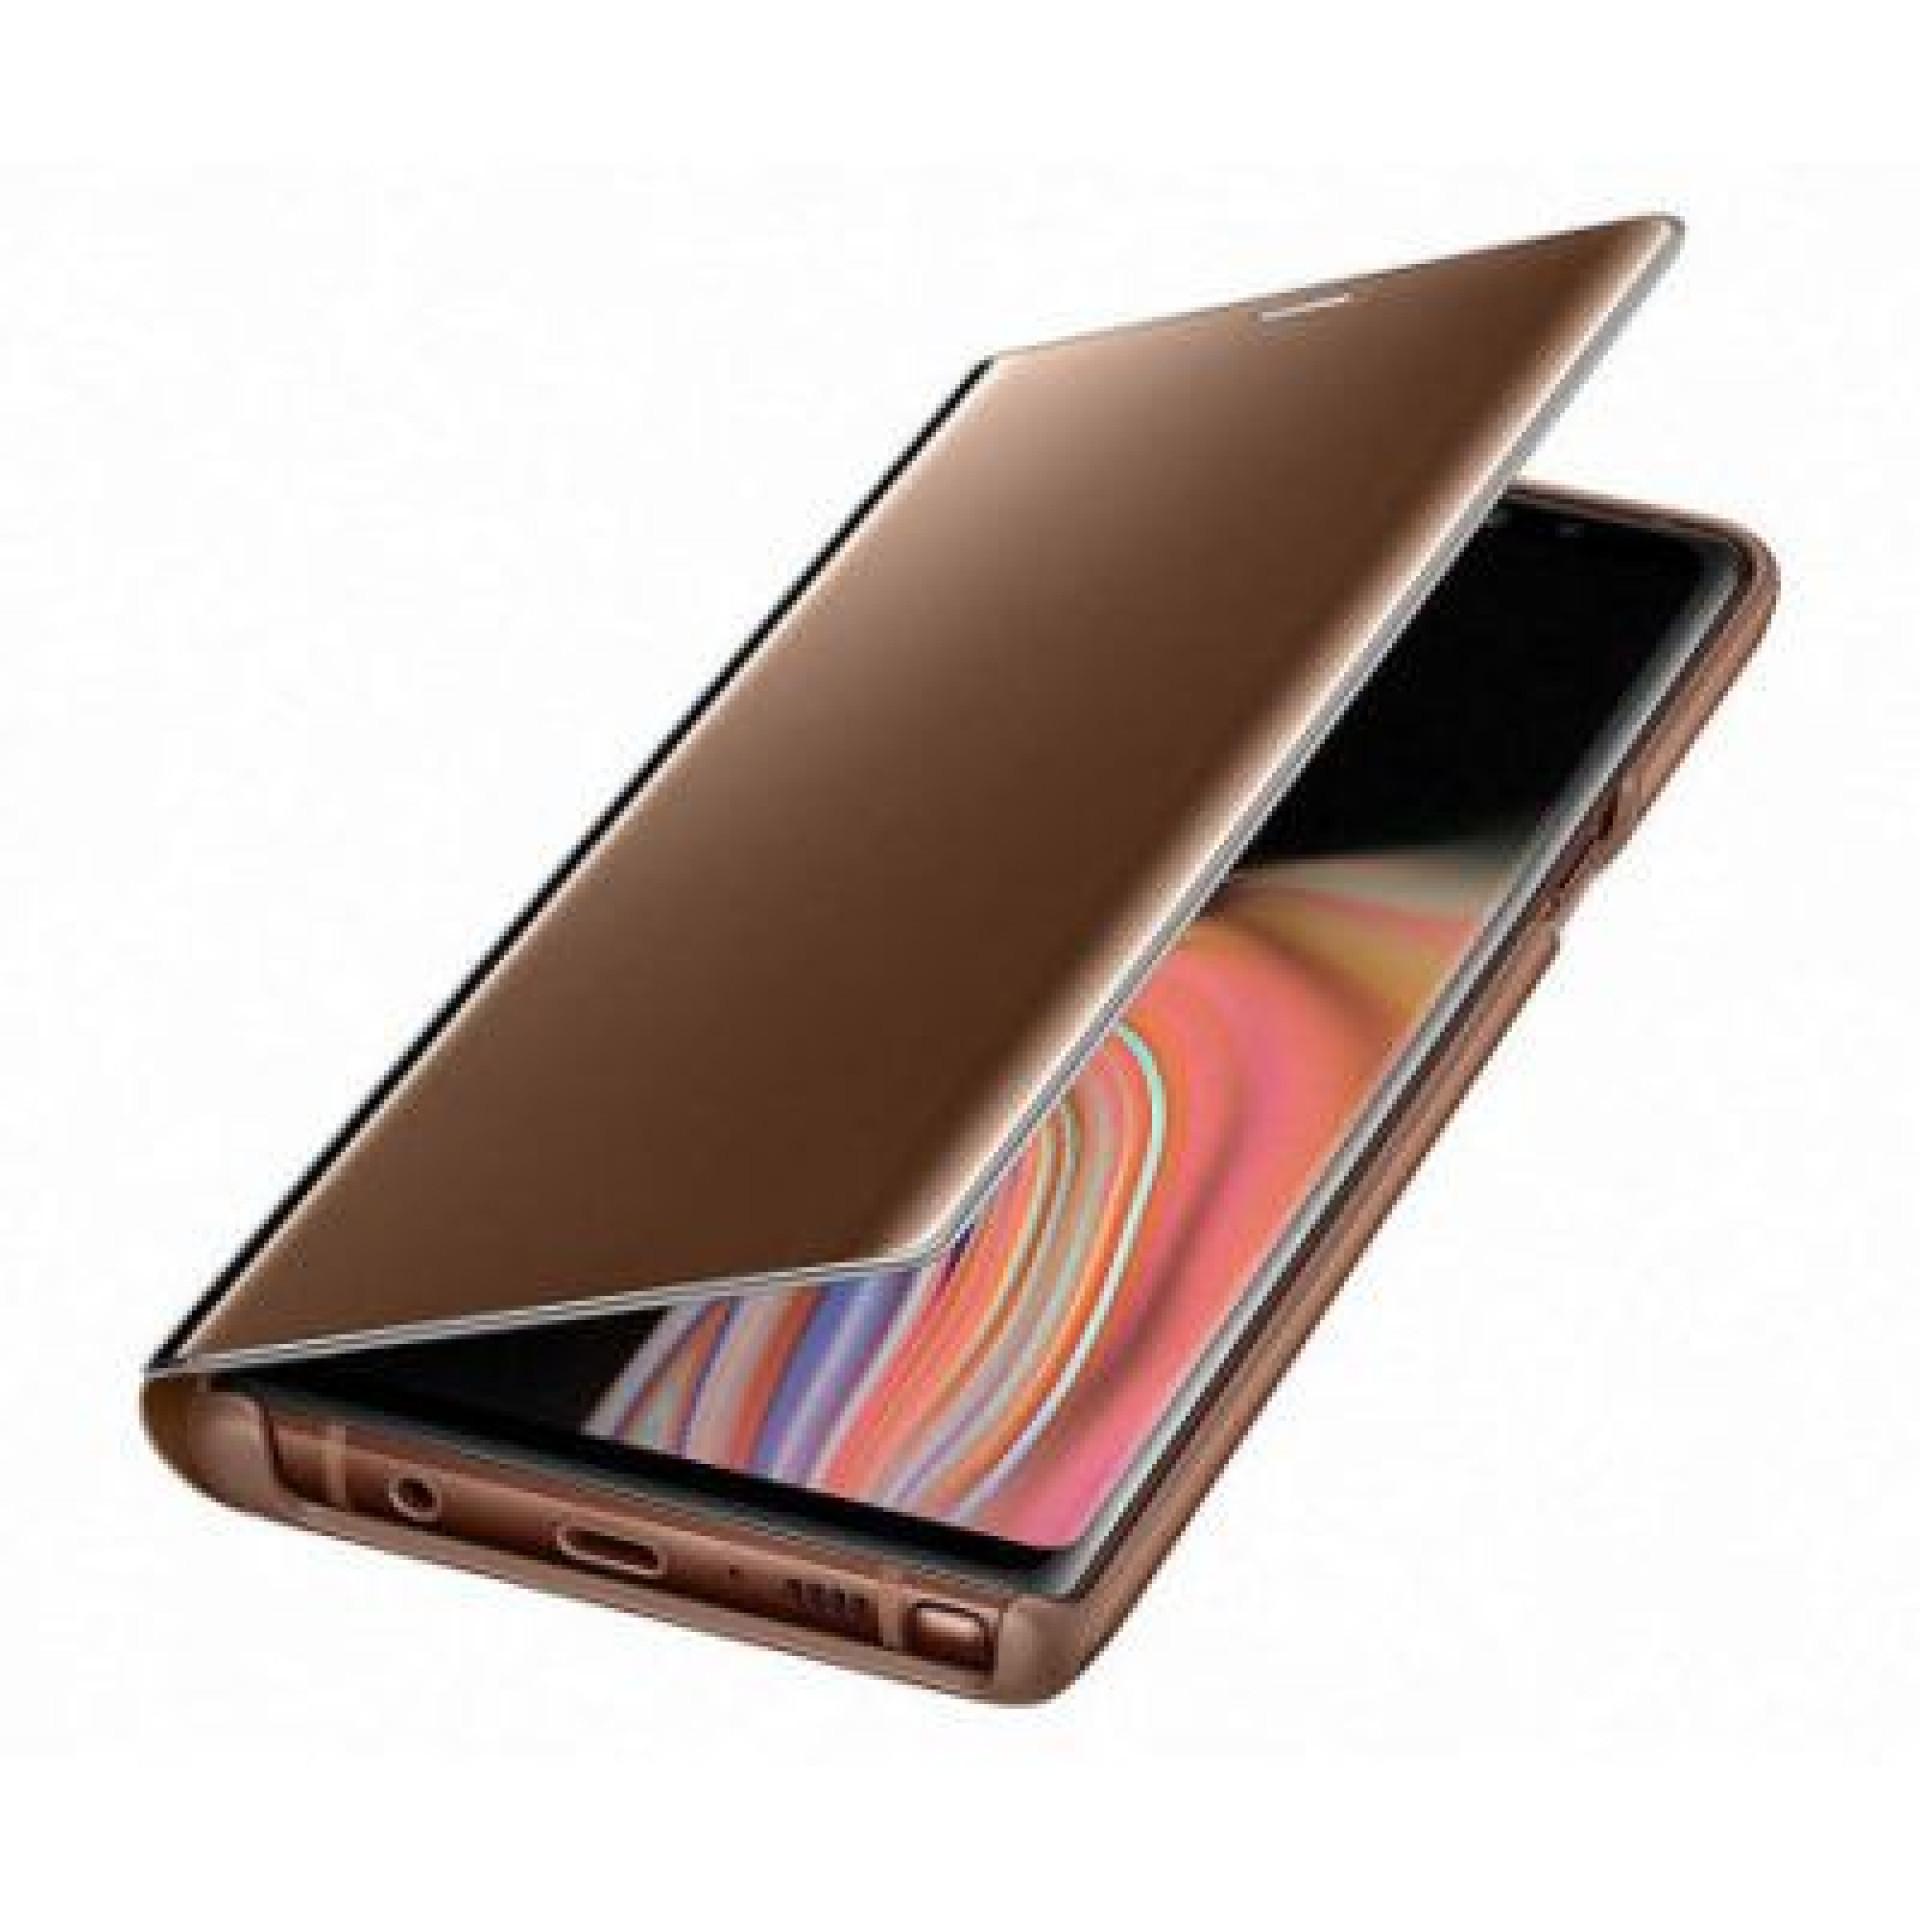 Antes do anúncio, há espaço para mais imagens do Galaxy Note 9